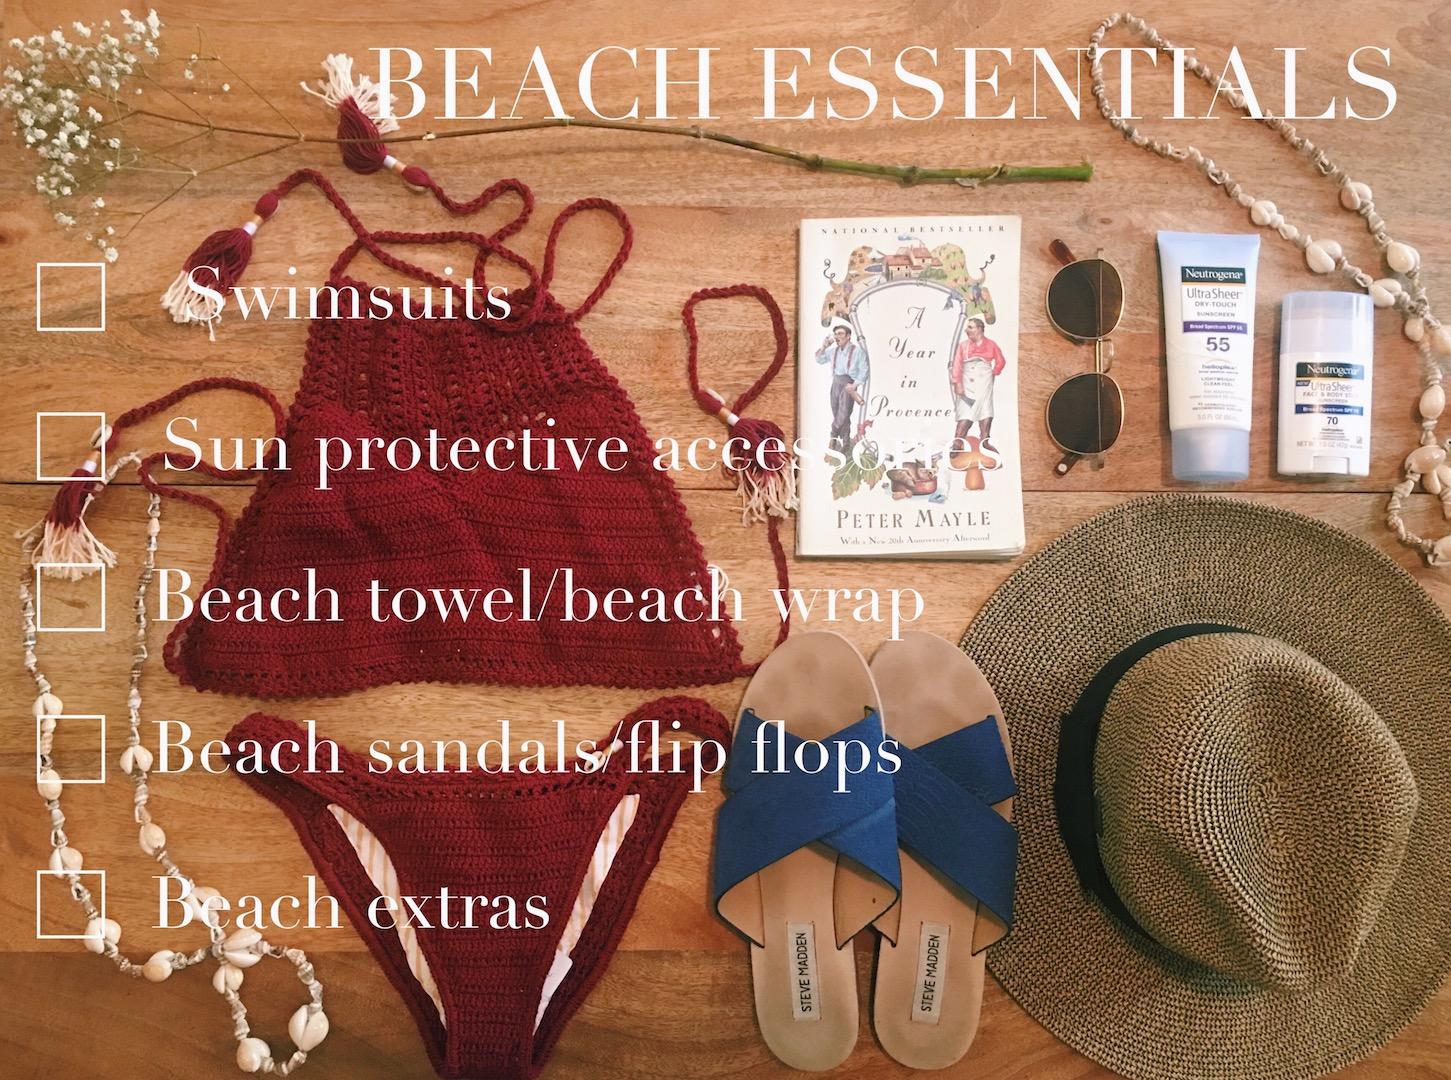 beach-essentials-packing-checklist